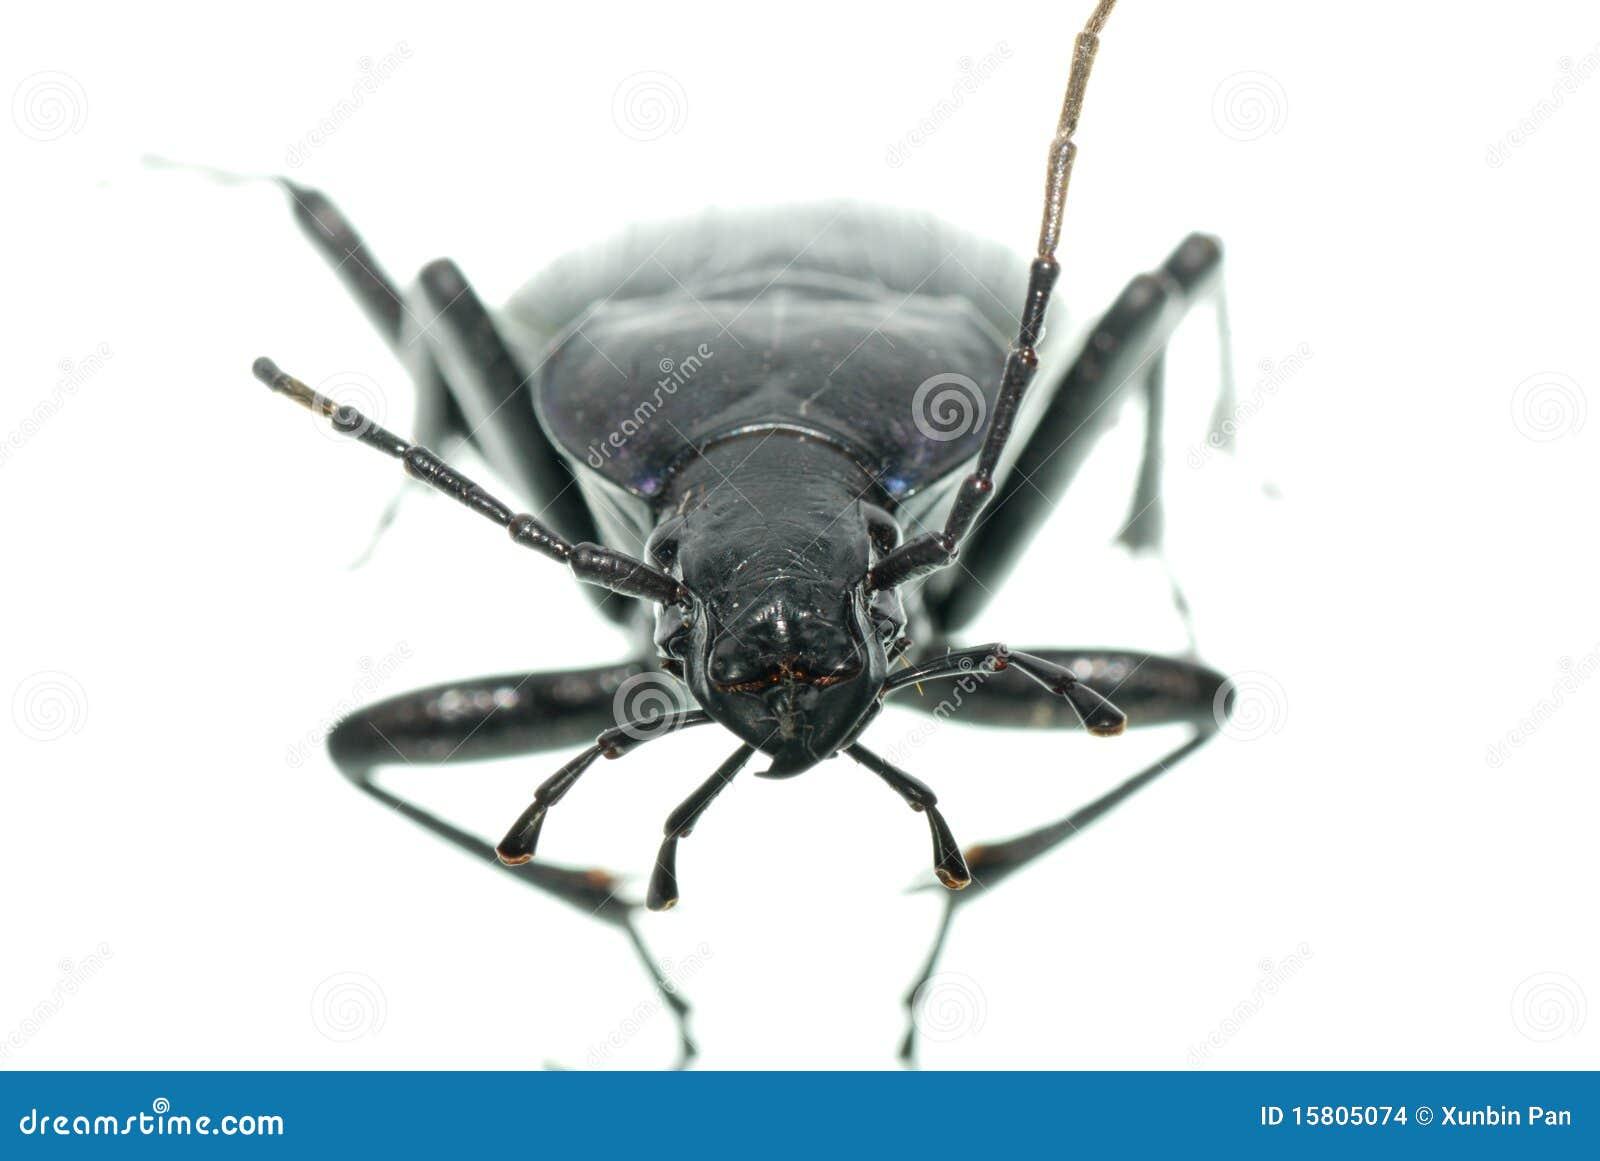 Escarabajo De Tierra Del Insecto Foto de archivo - Imagen de chino ...